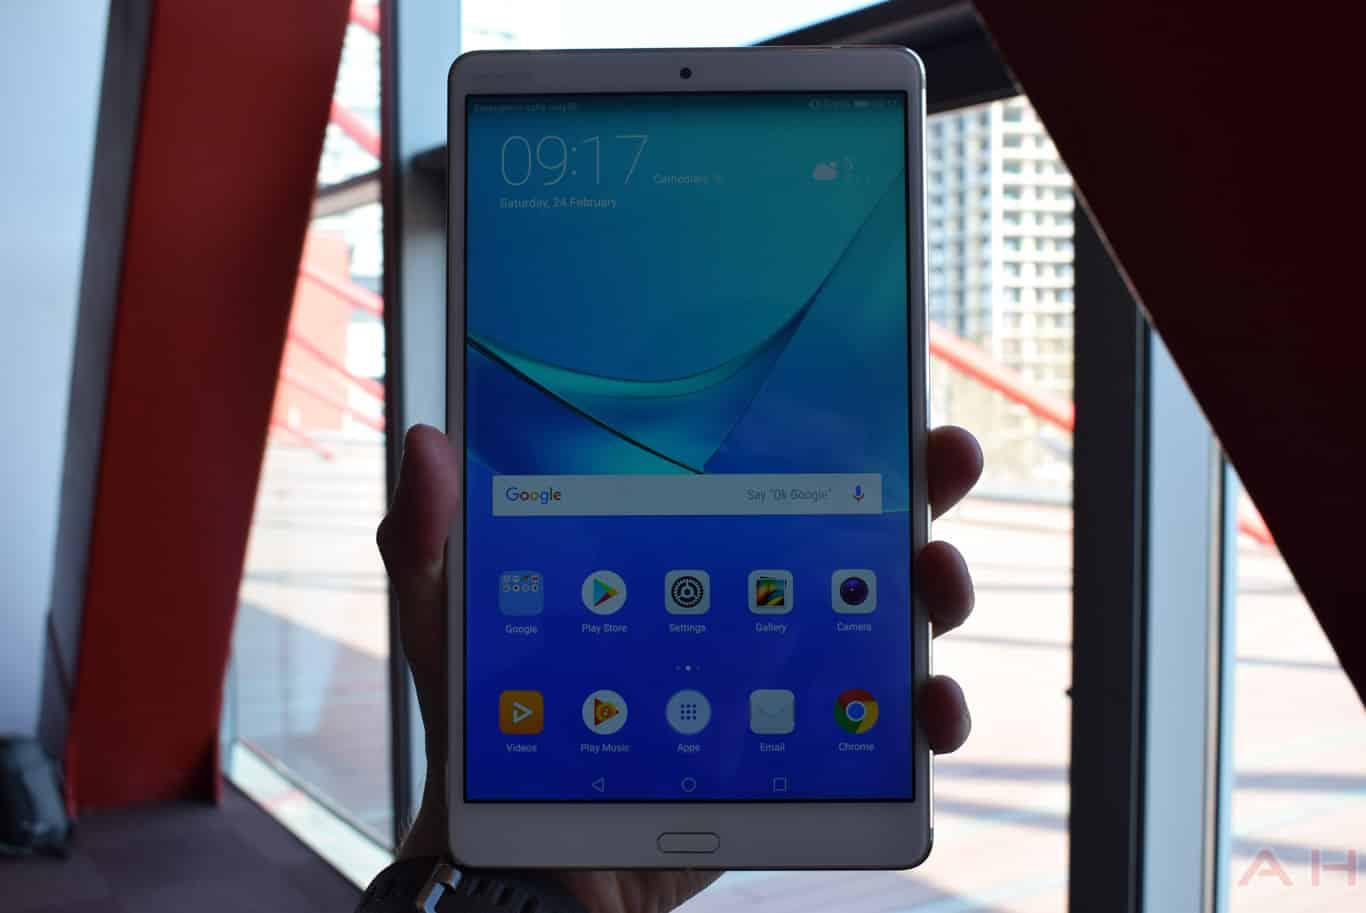 Huawei MediaPad M5 8.4 inch MWC 18 AM AH 3